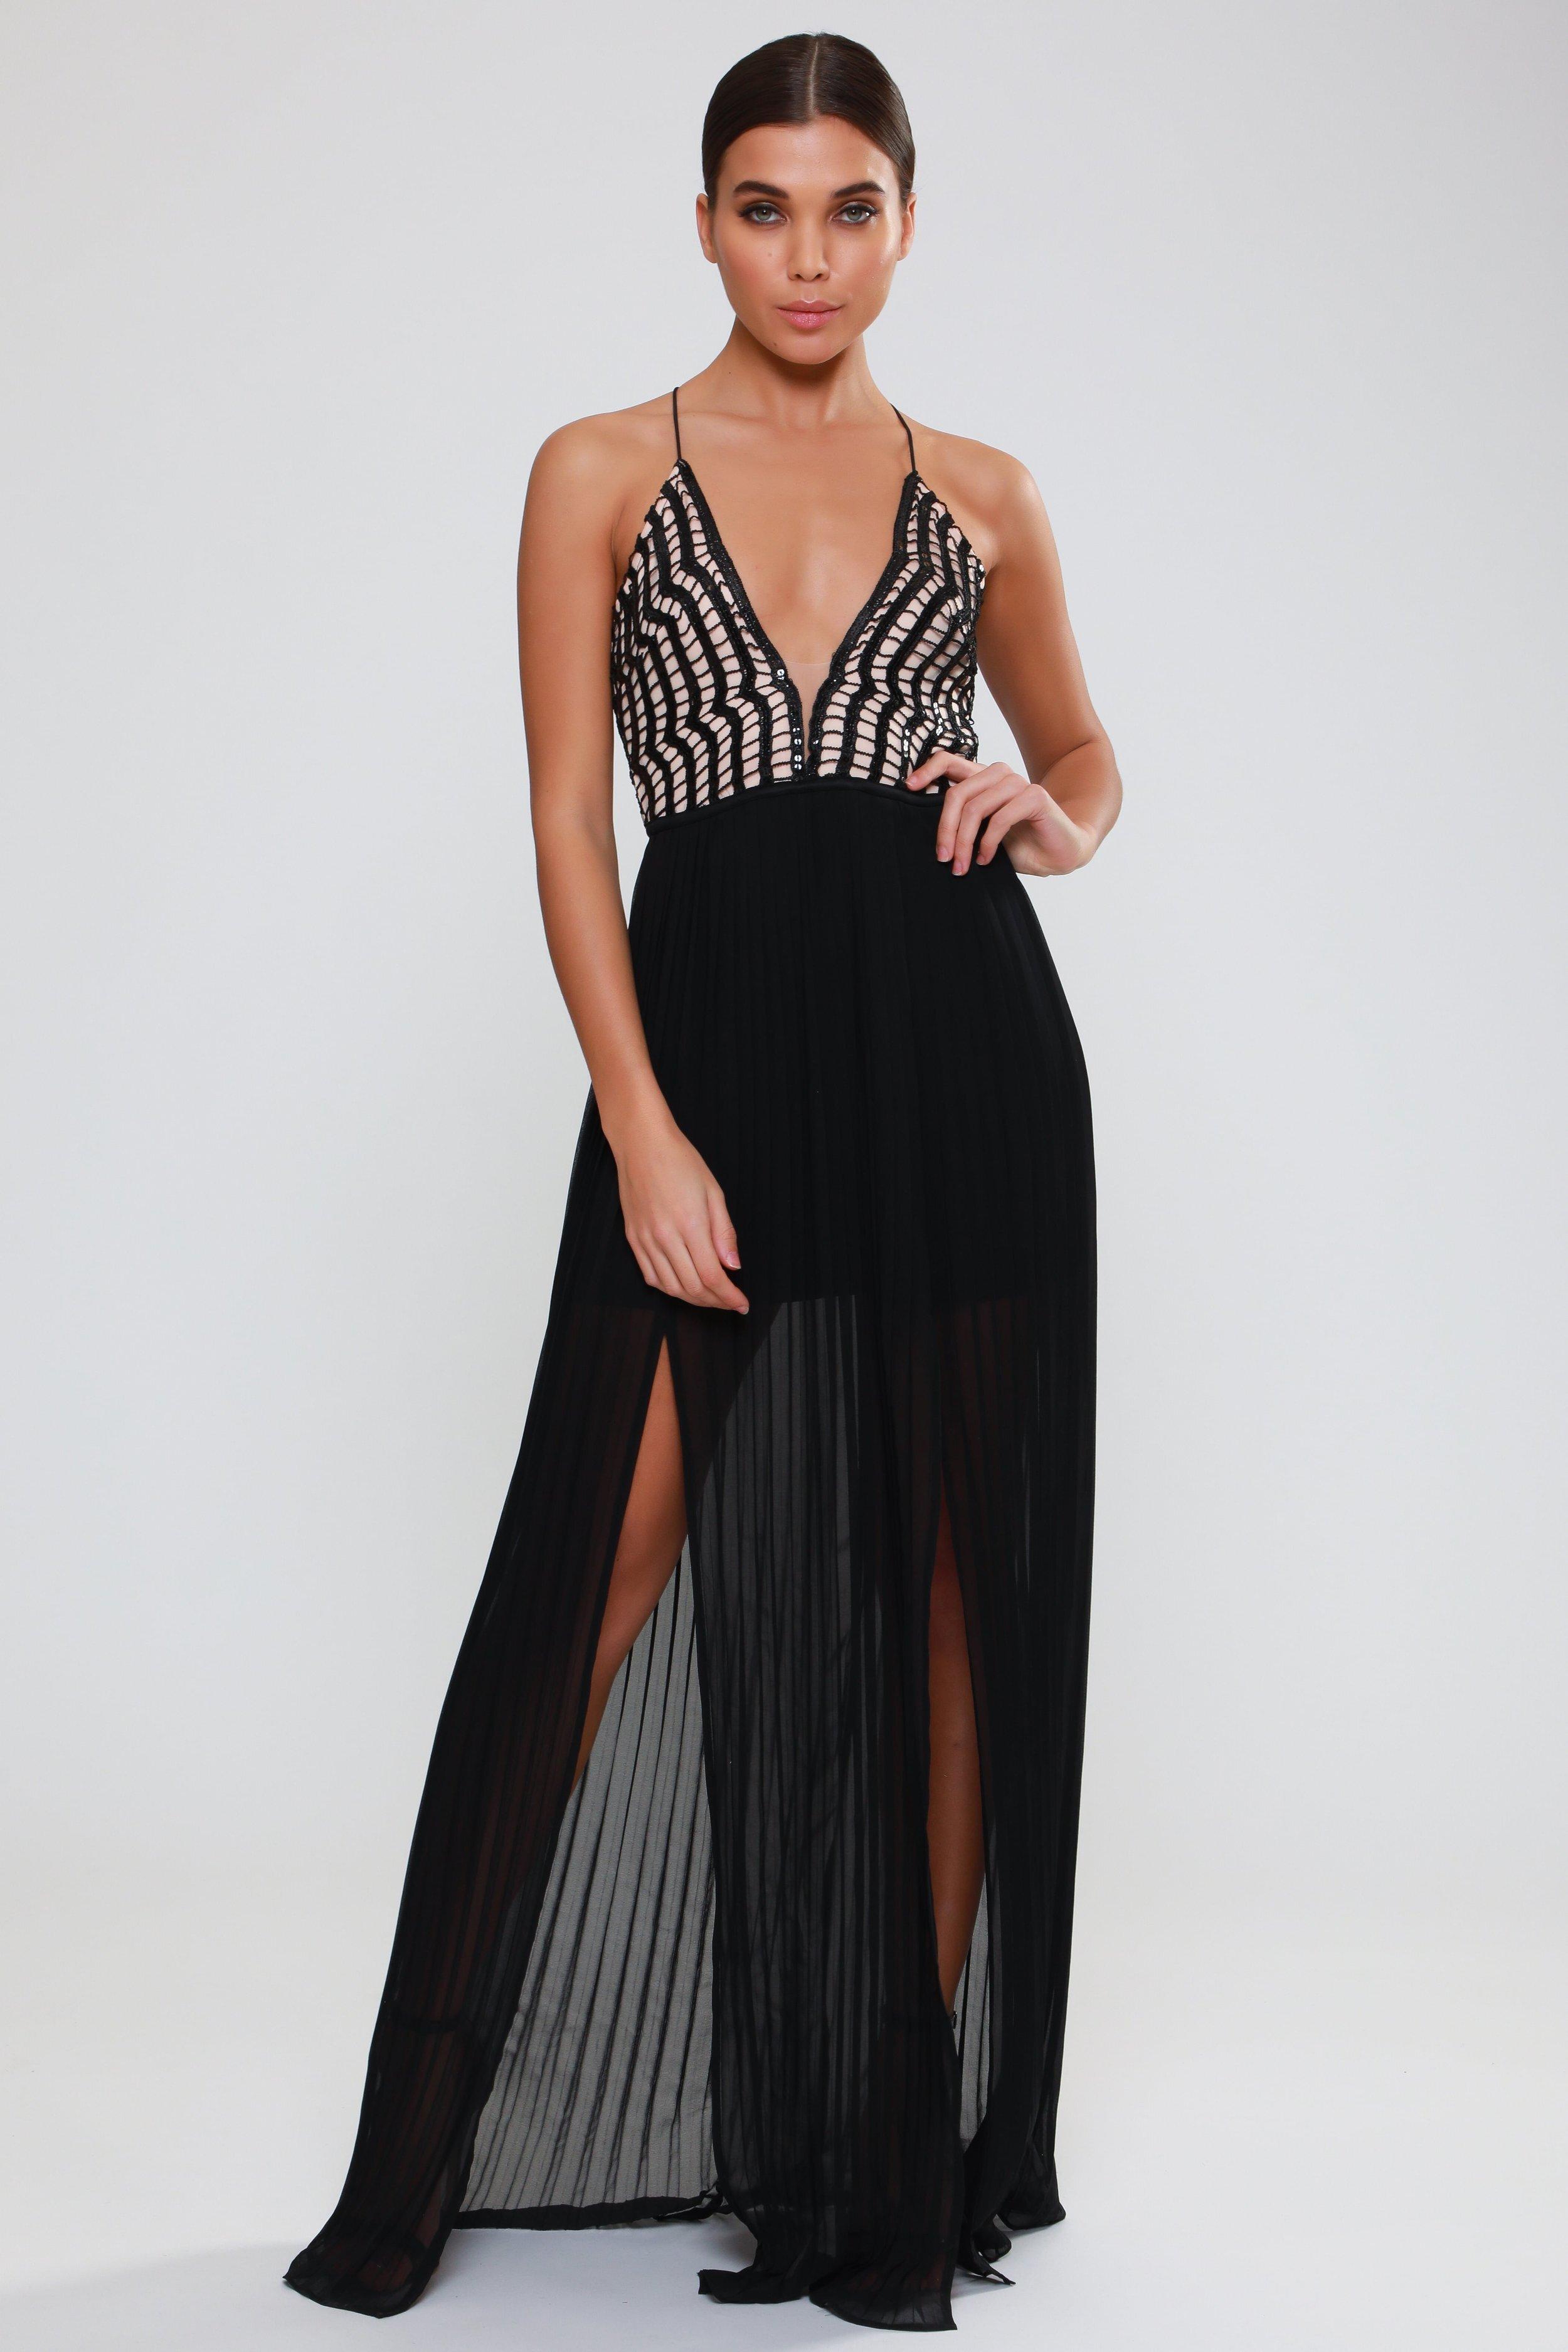 Sequin Plunge Double  Split Maxi Dress   £72.00